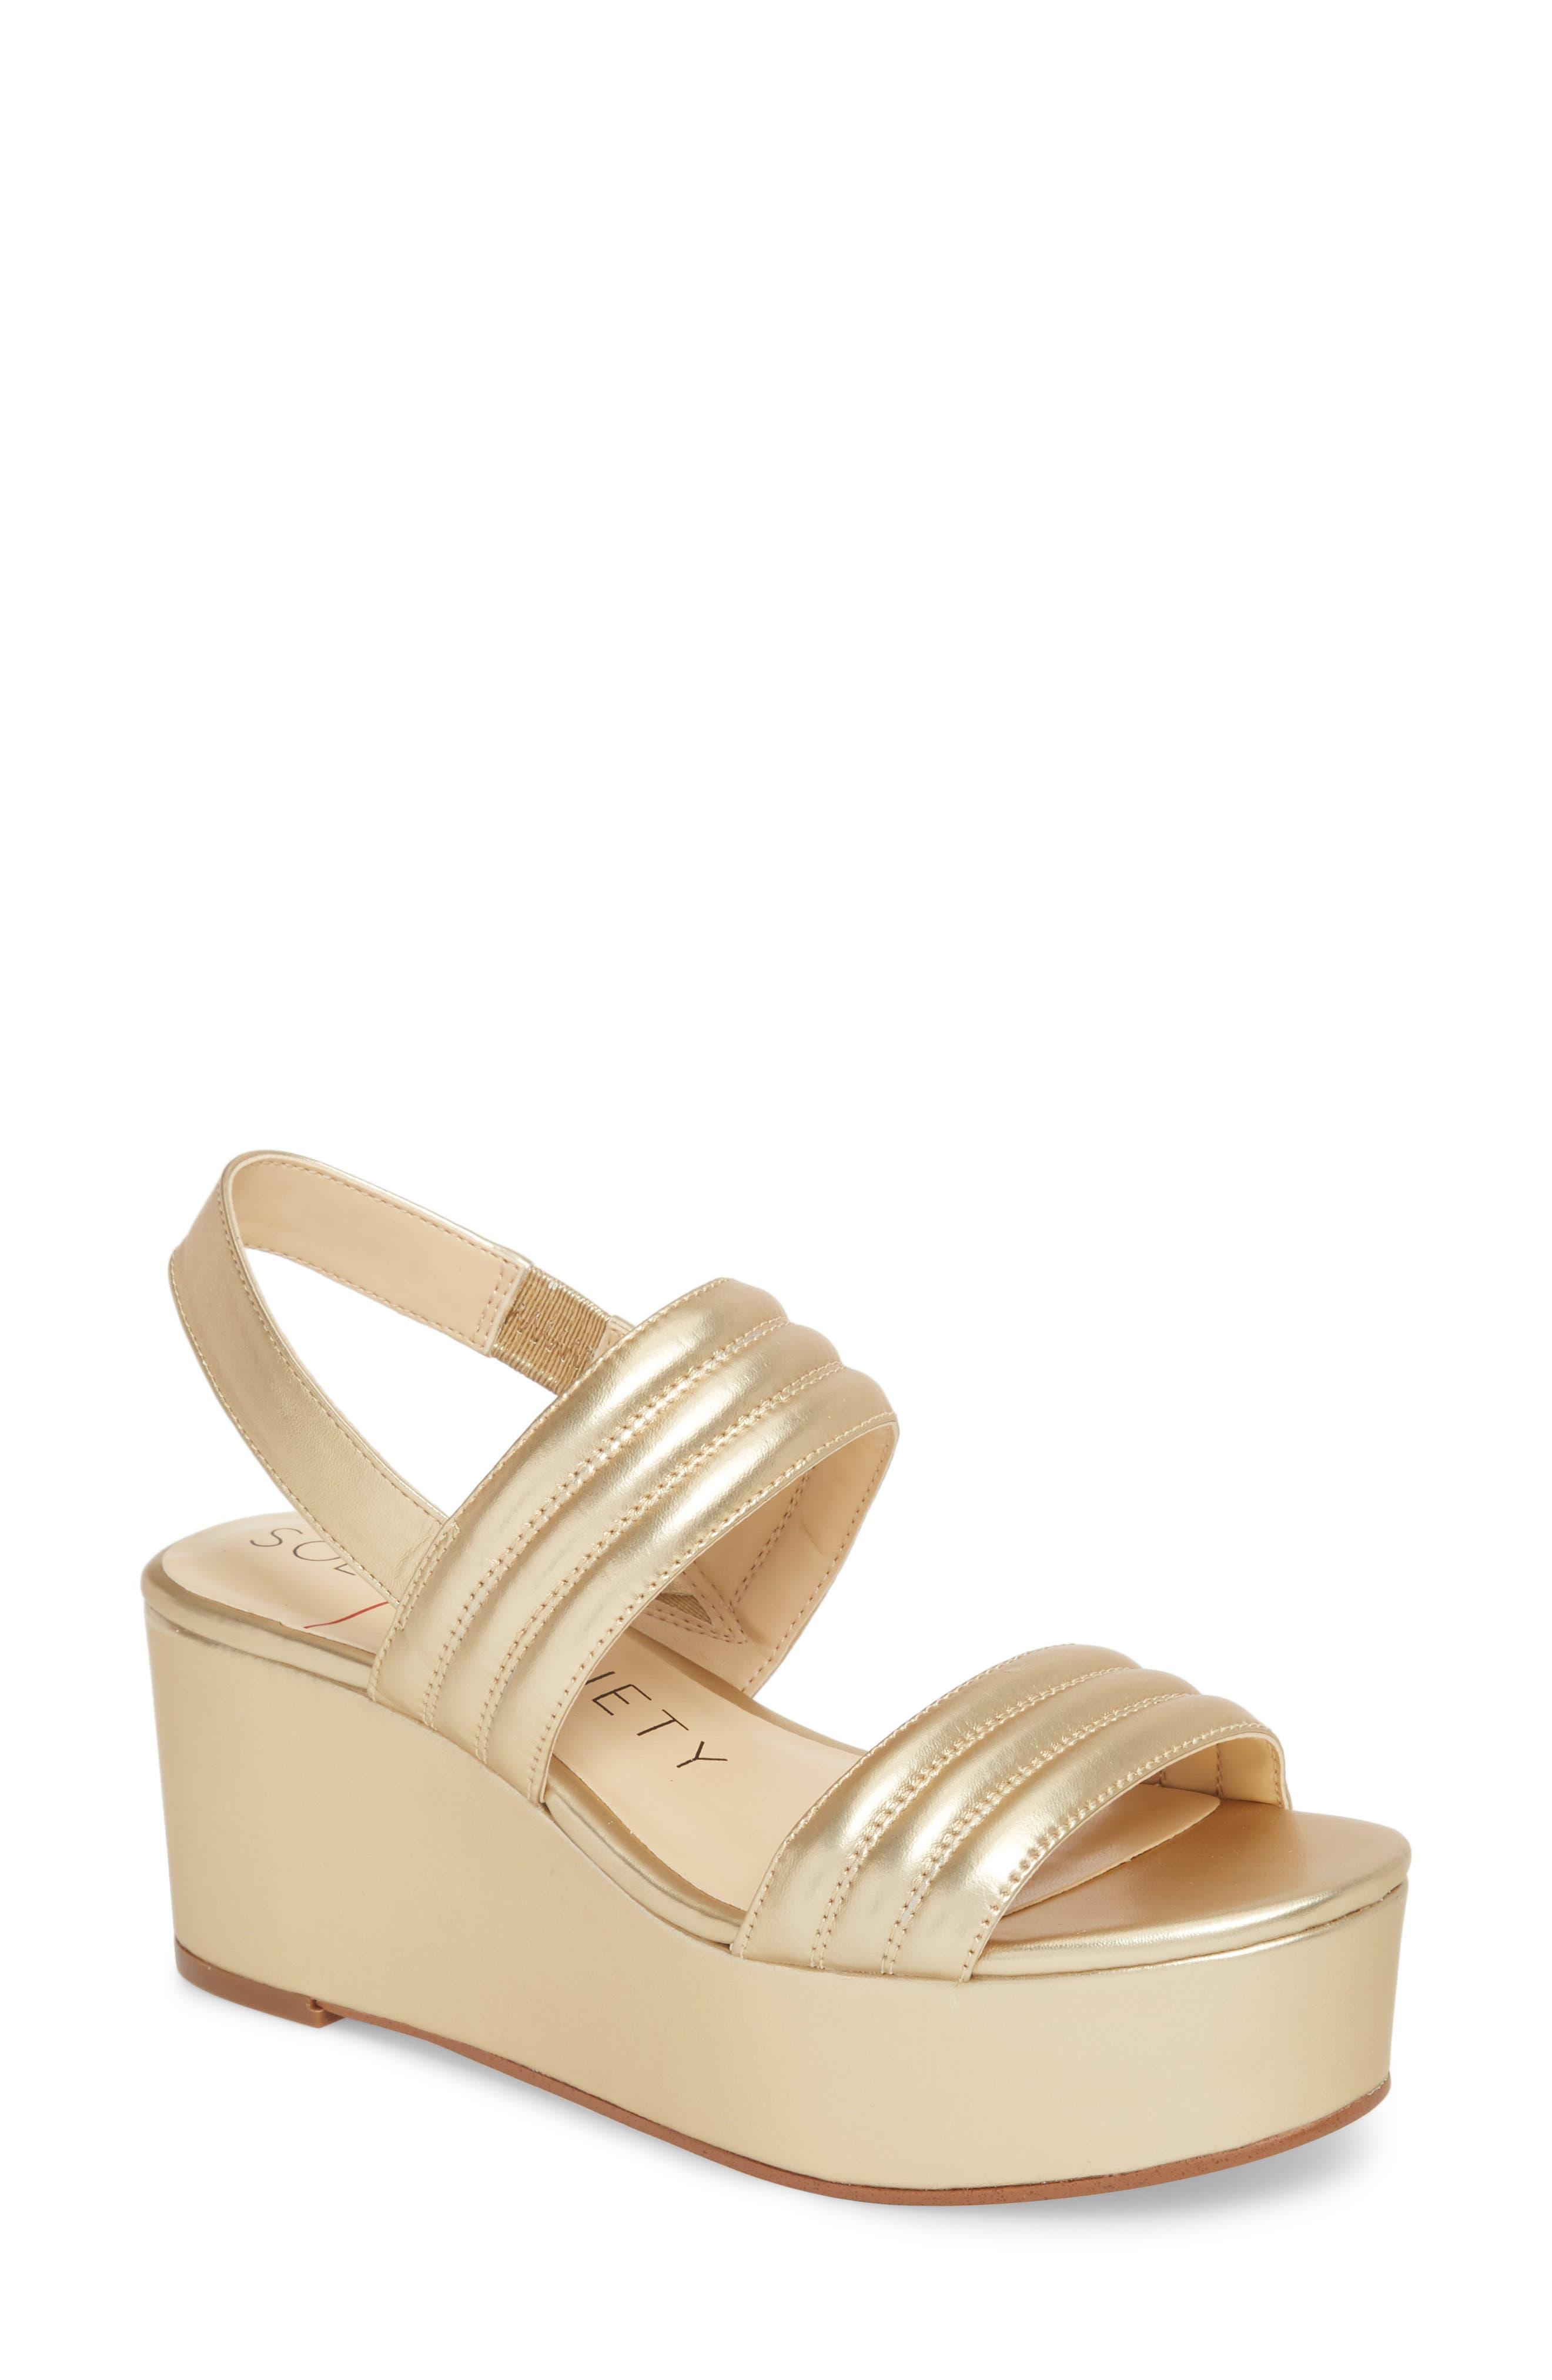 Amberly Platform Sandal,                             Main thumbnail 2, color,